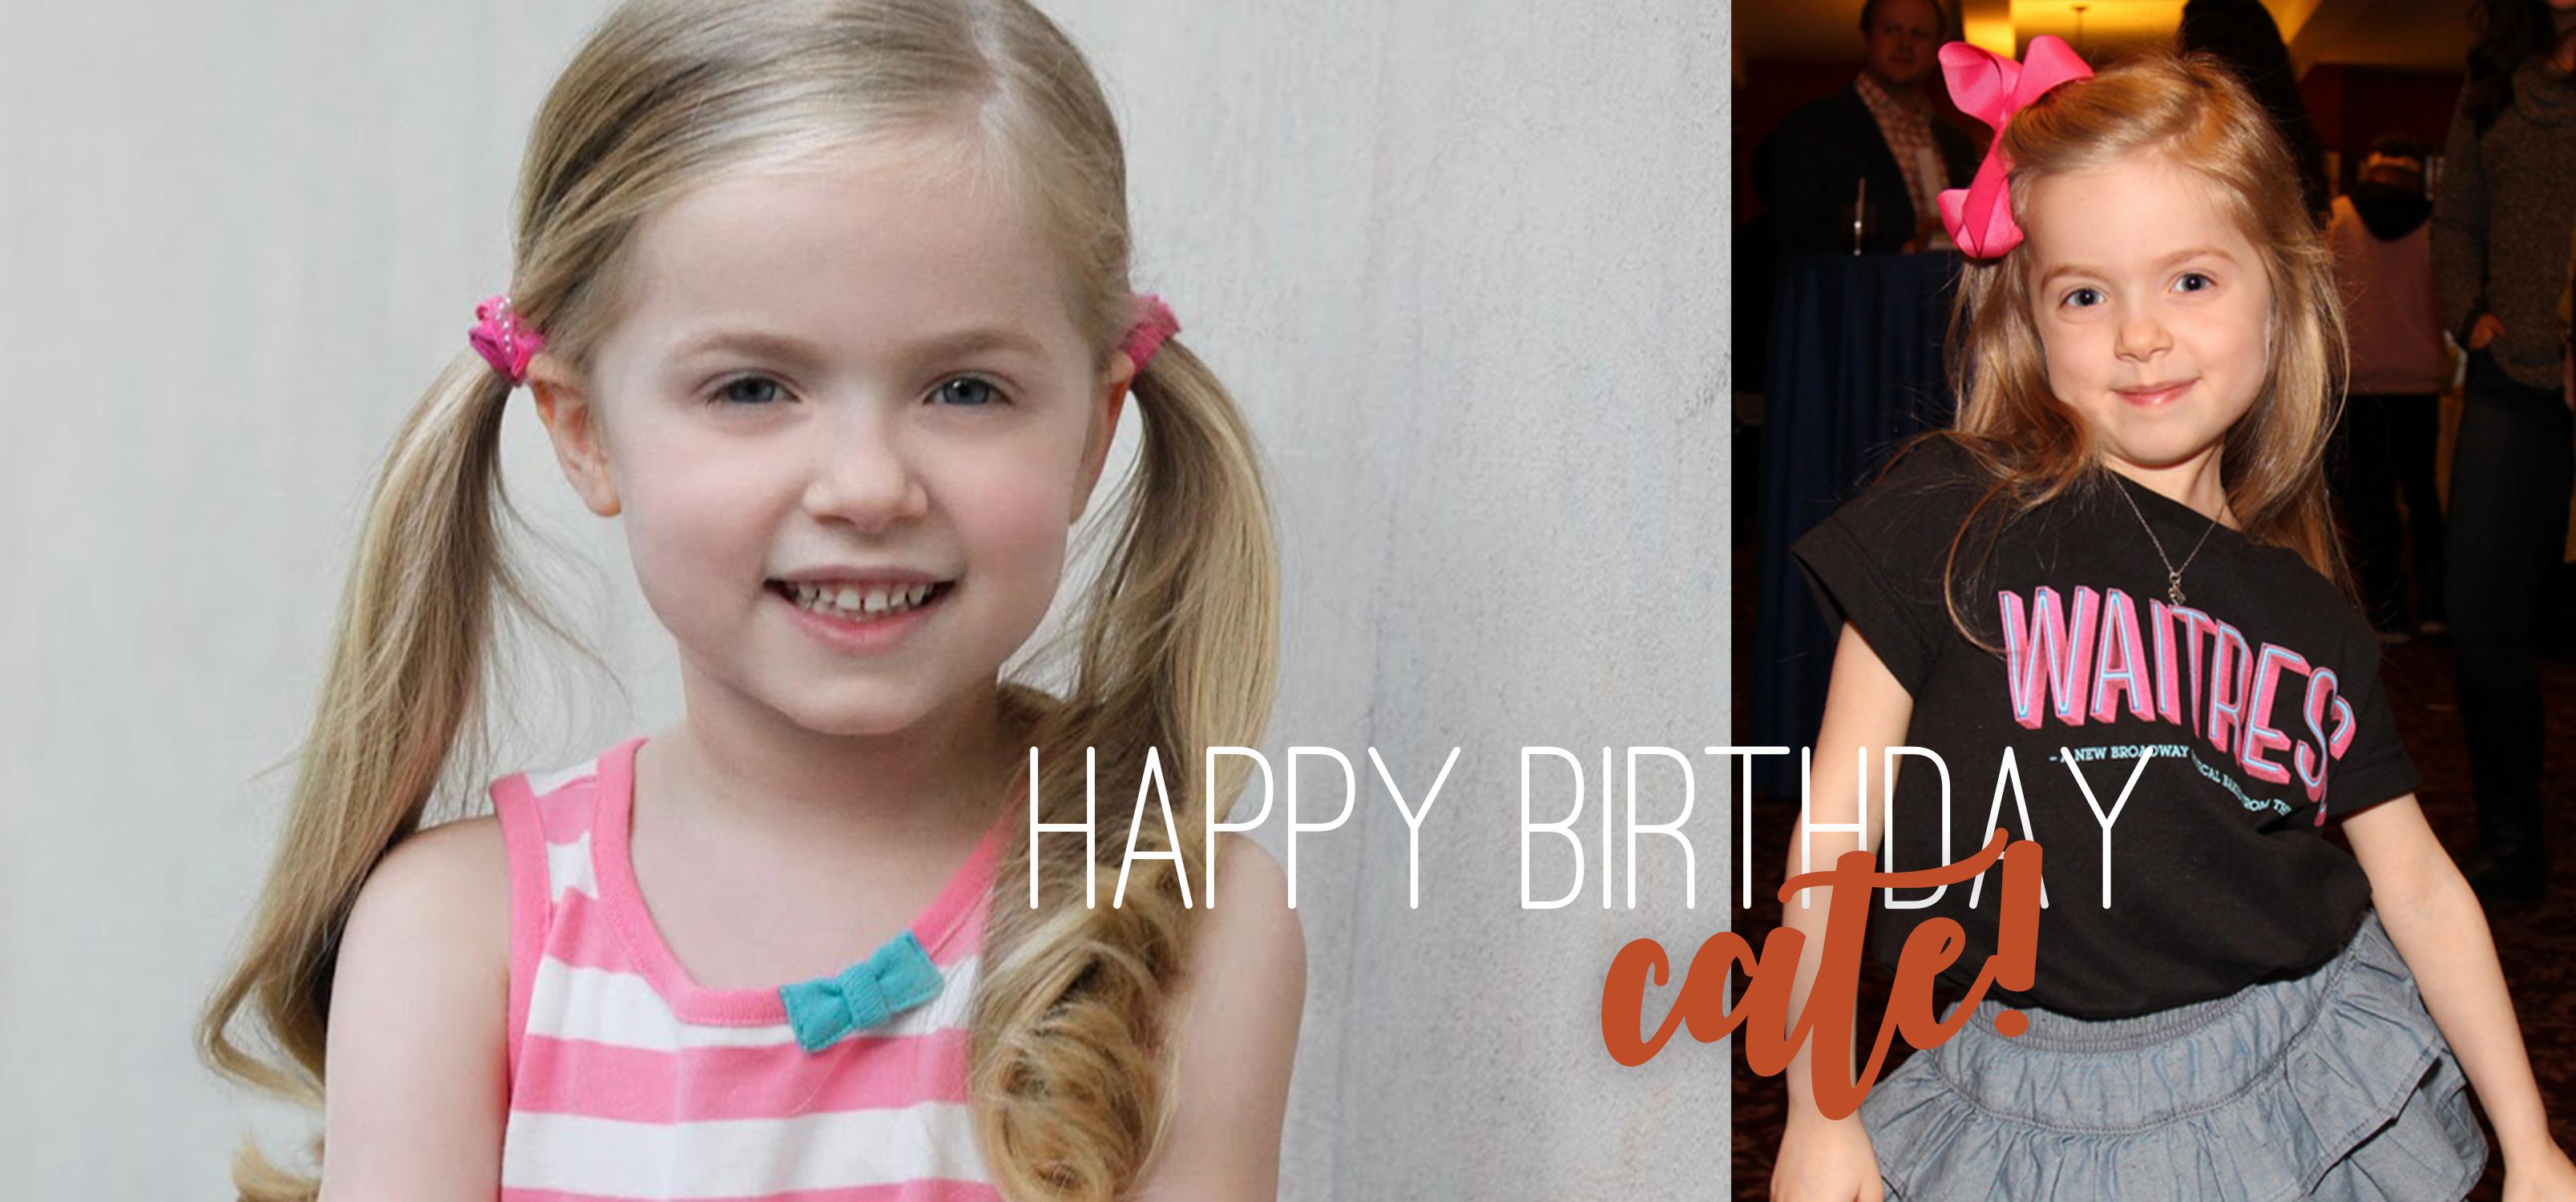 Cate Elefante's Birthday